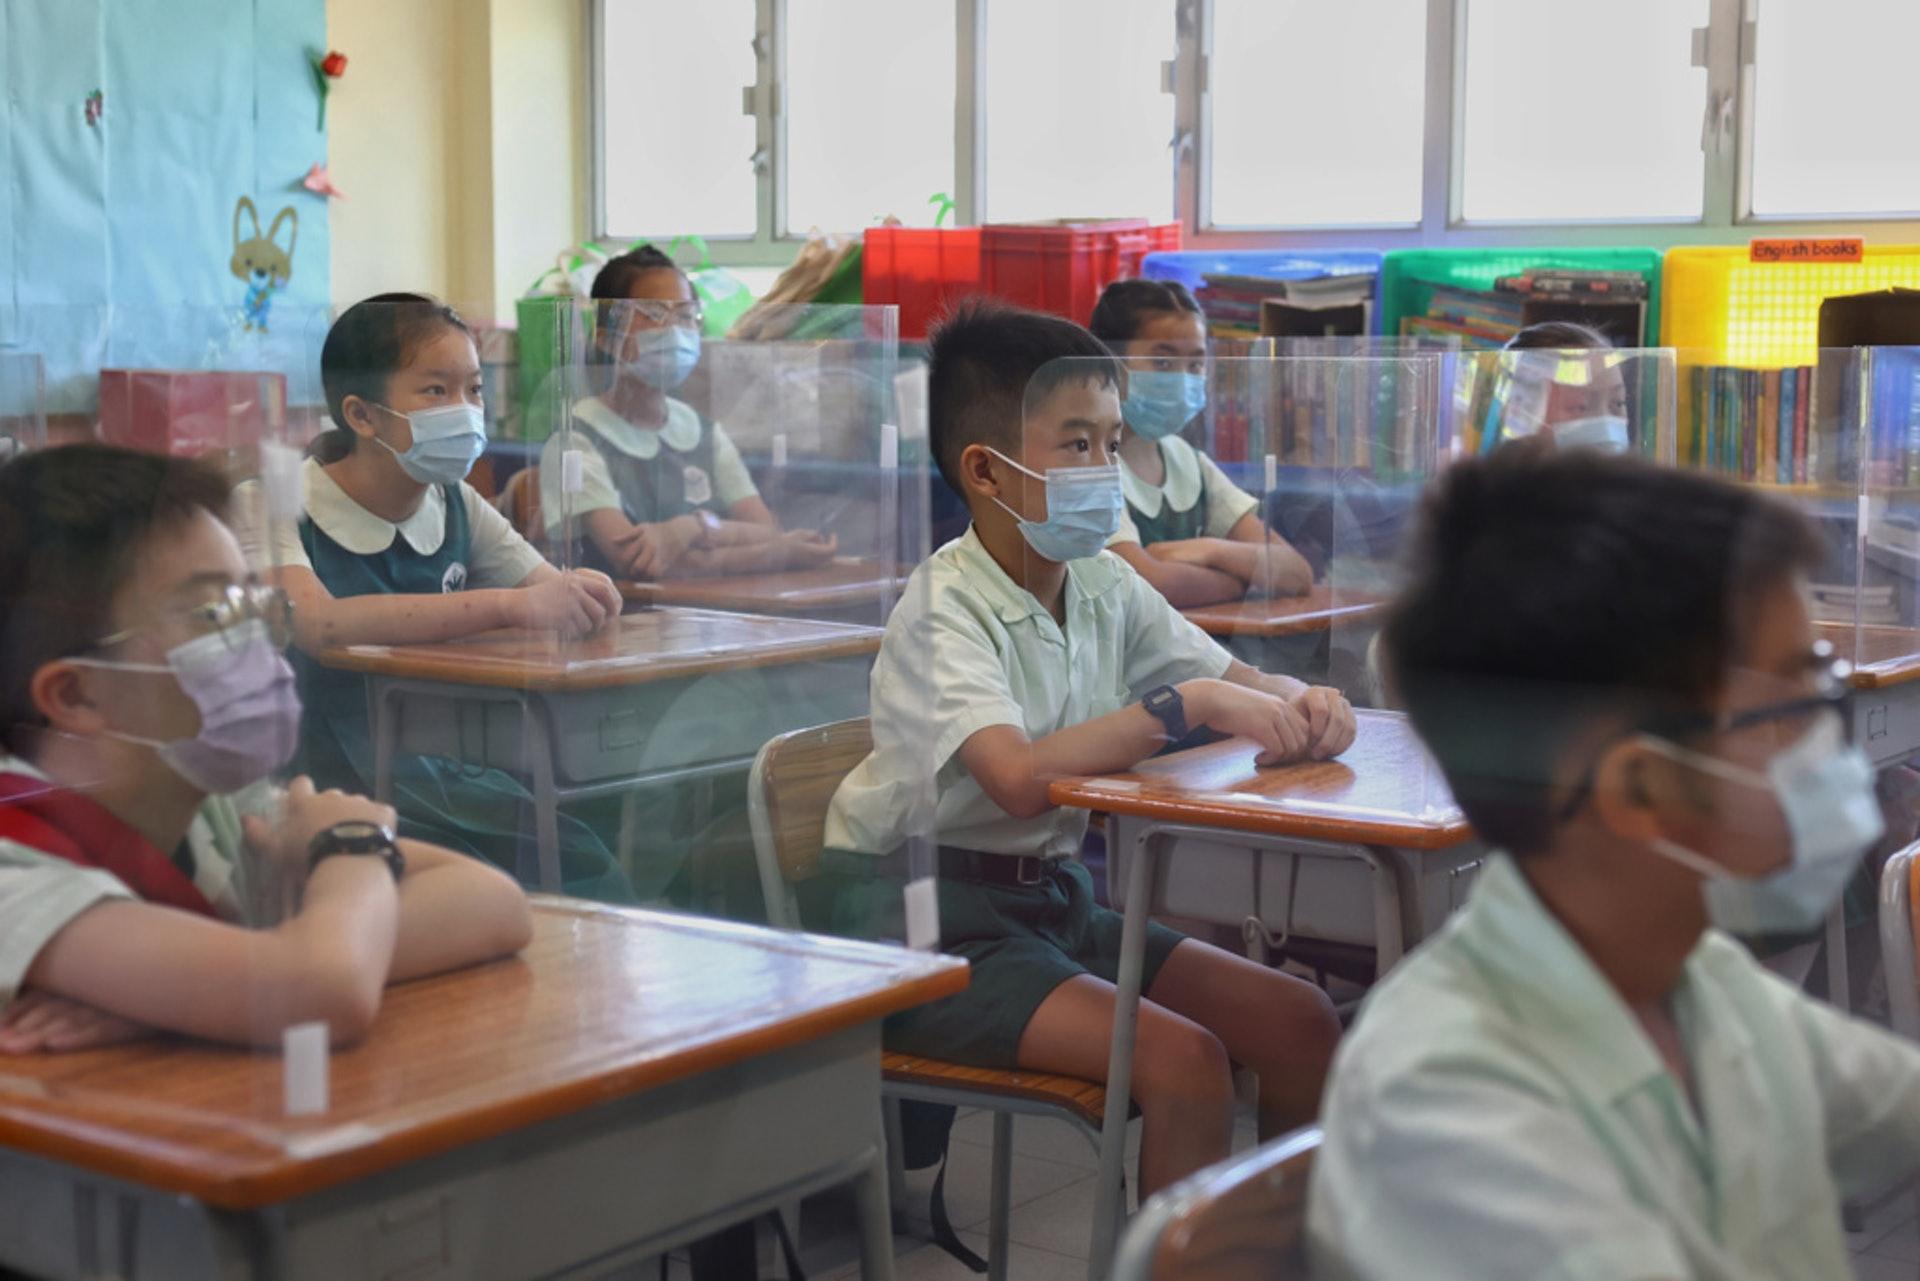 根據教育局最新公布的《小學概覽》,新學年全港官立及津貼小學班數比去年大減62班。(資料圖片)